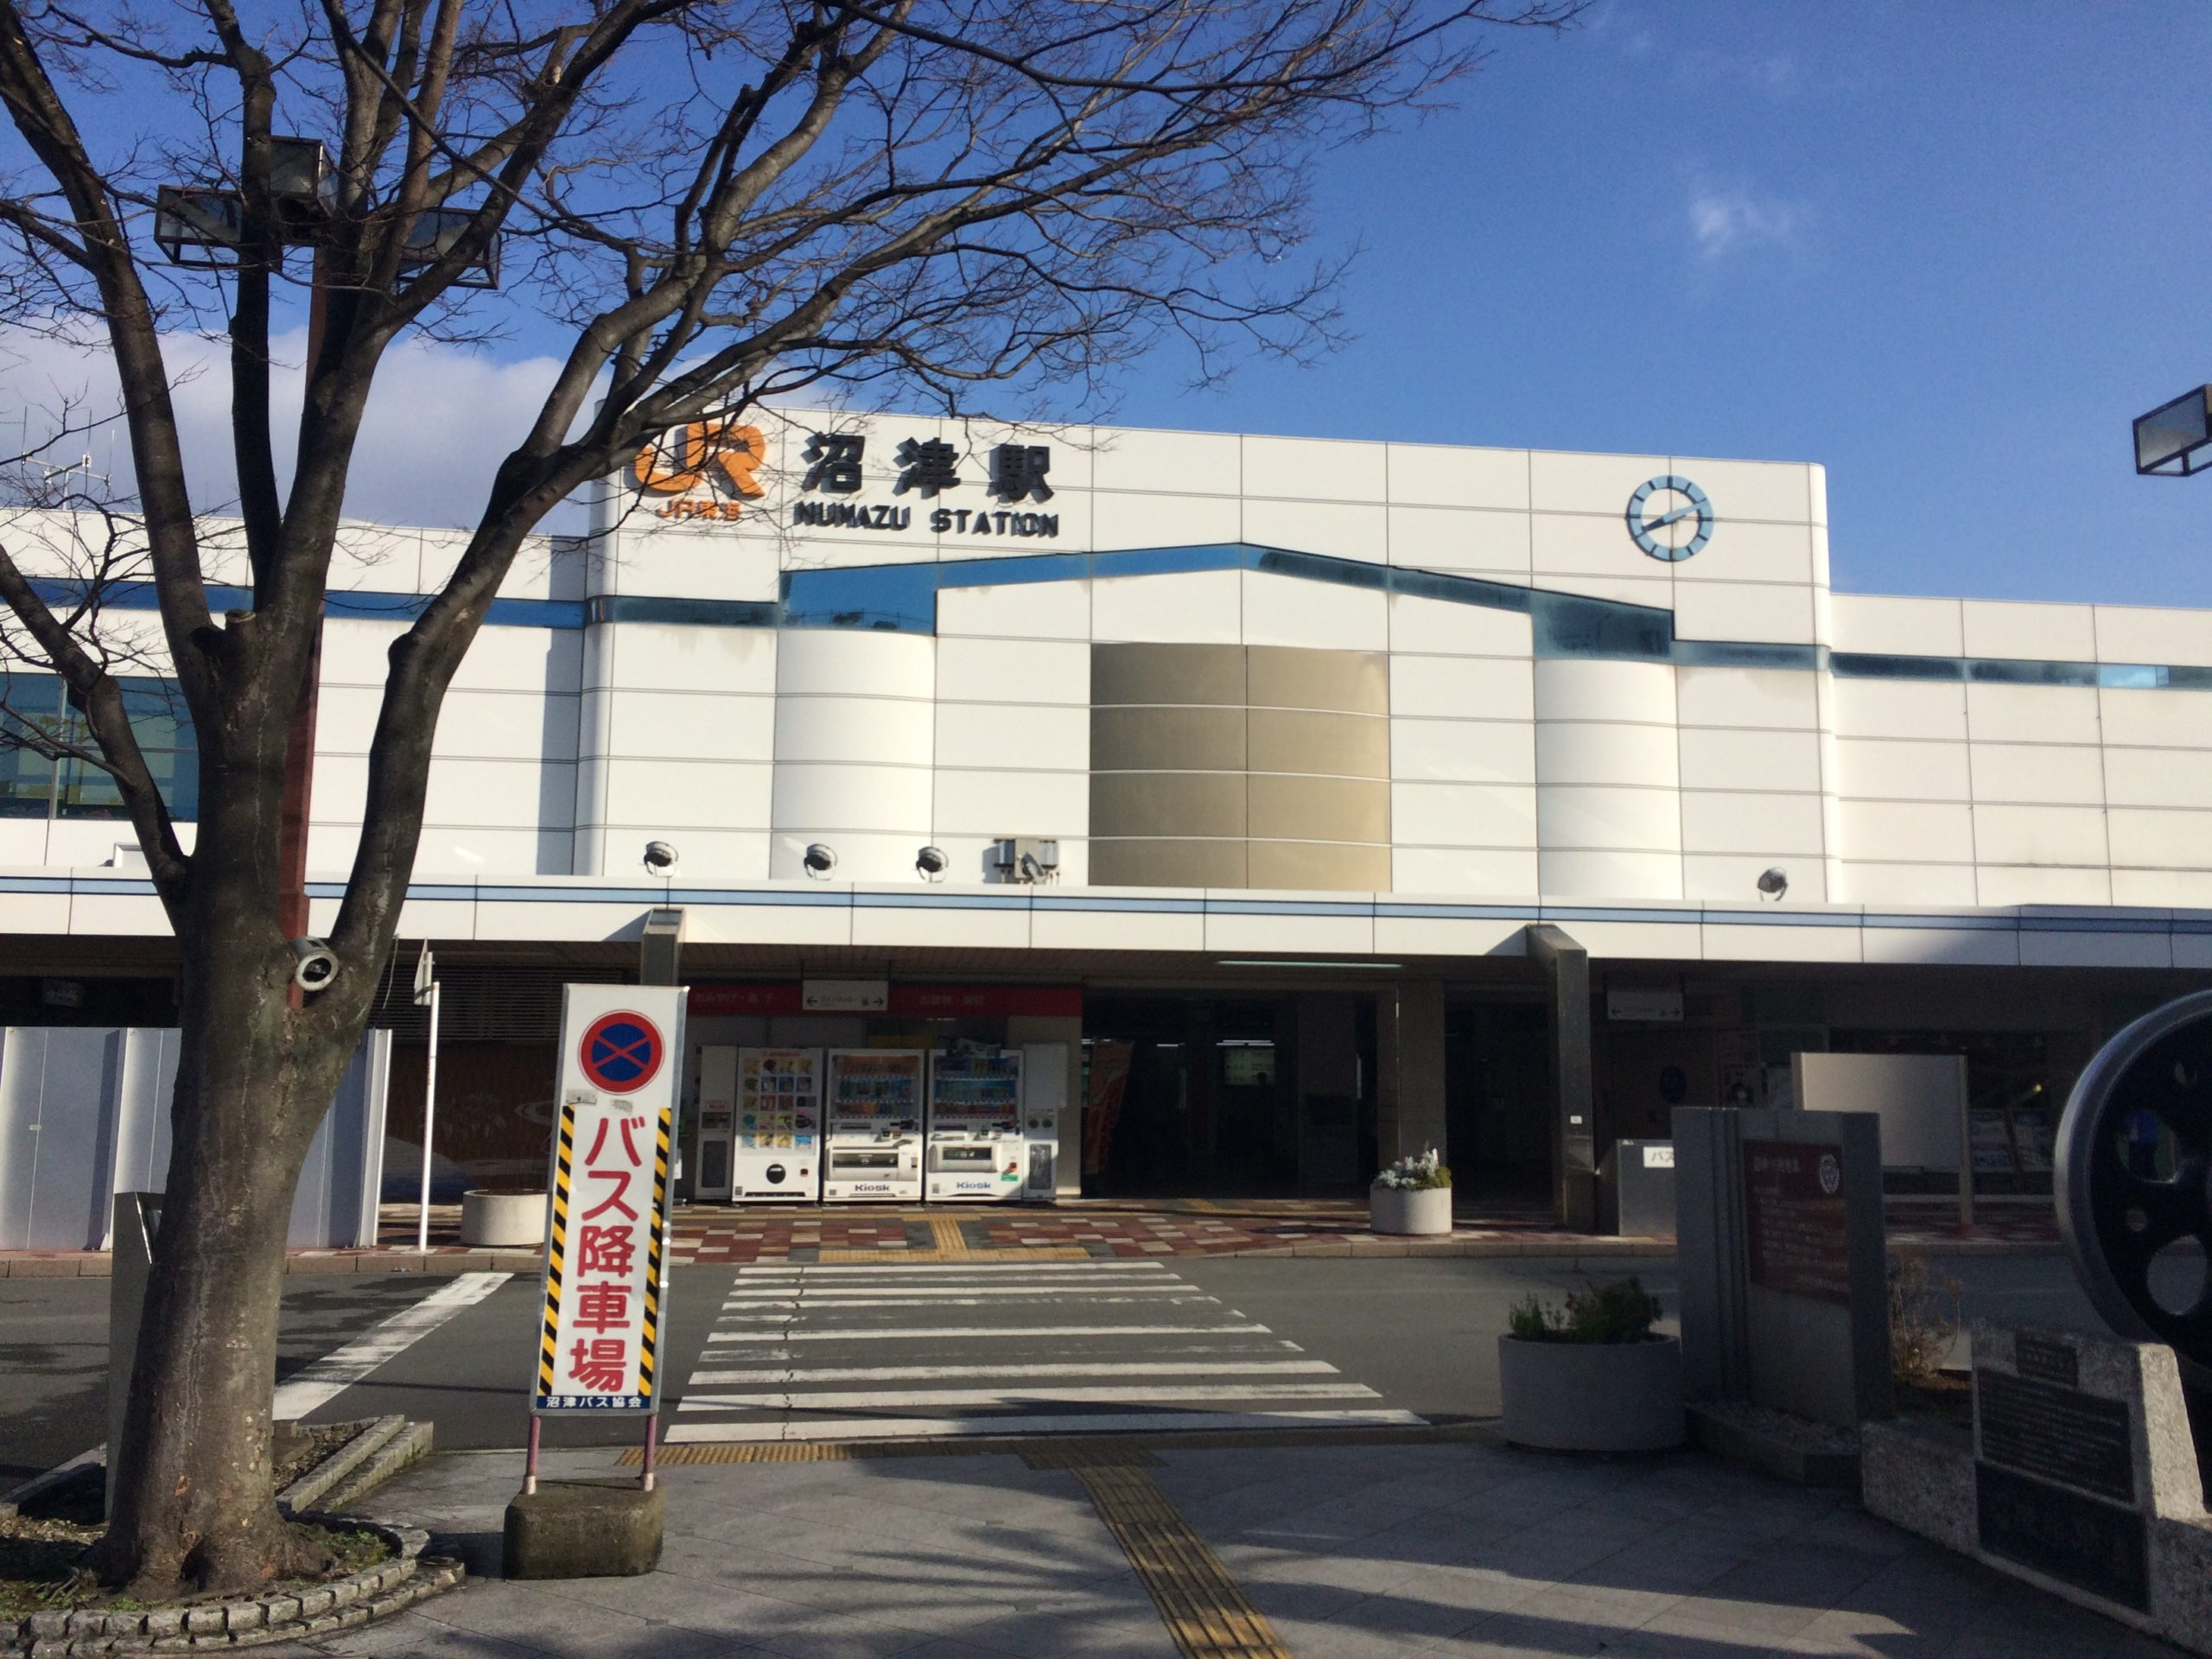 【『ラブライブ!サンシャイン!!』Aqours Next Step! Project特別企画】Message from Numazu 〈最終章〉企画を終えてー『サンシャイン!!』って何だろう。